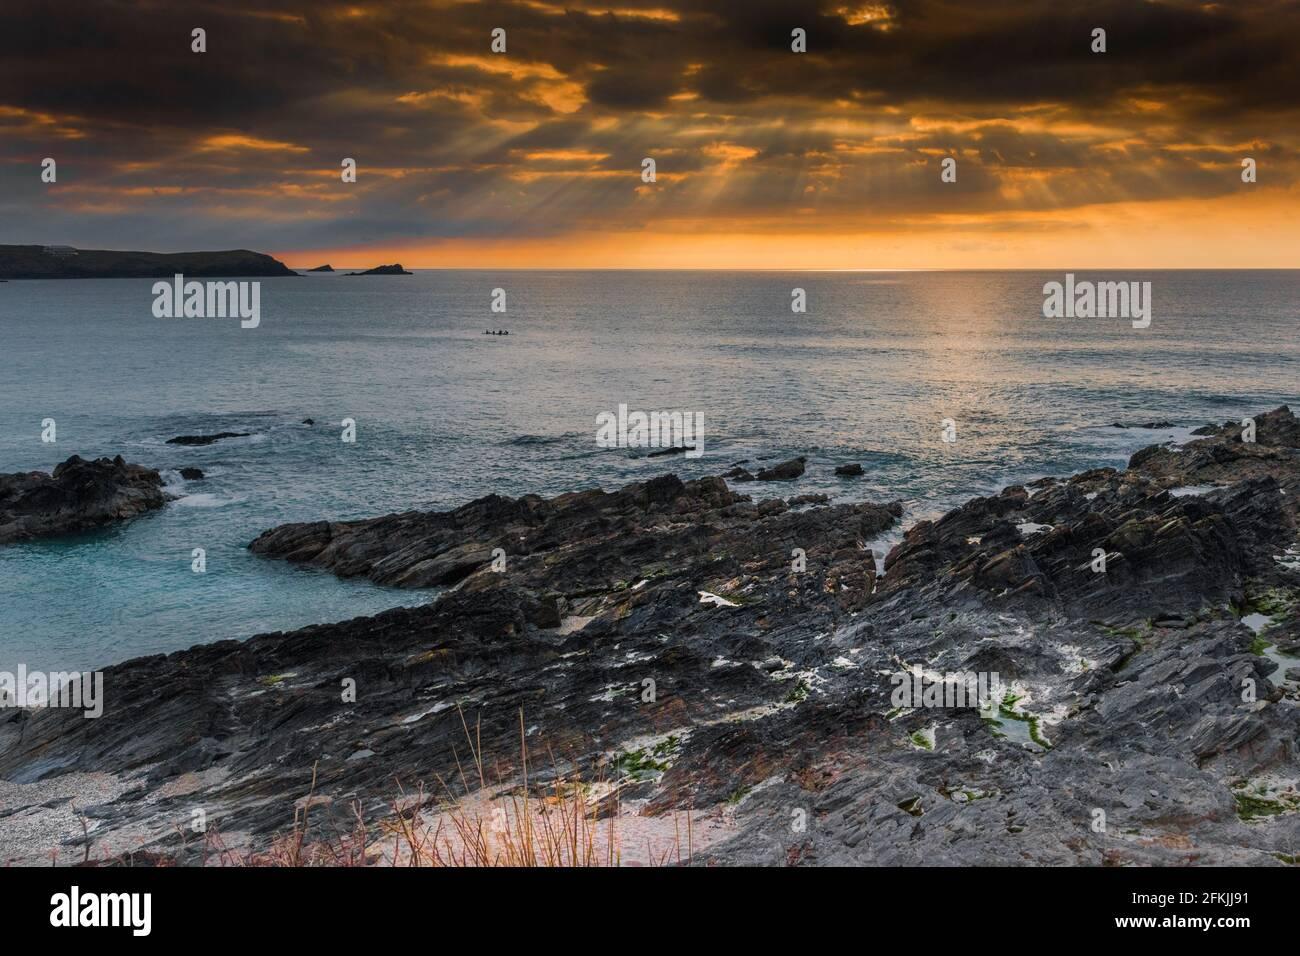 Un coucher de soleil pectaculaire au-dessus de la baie Fistral à Newquay, en Cornouailles. Banque D'Images